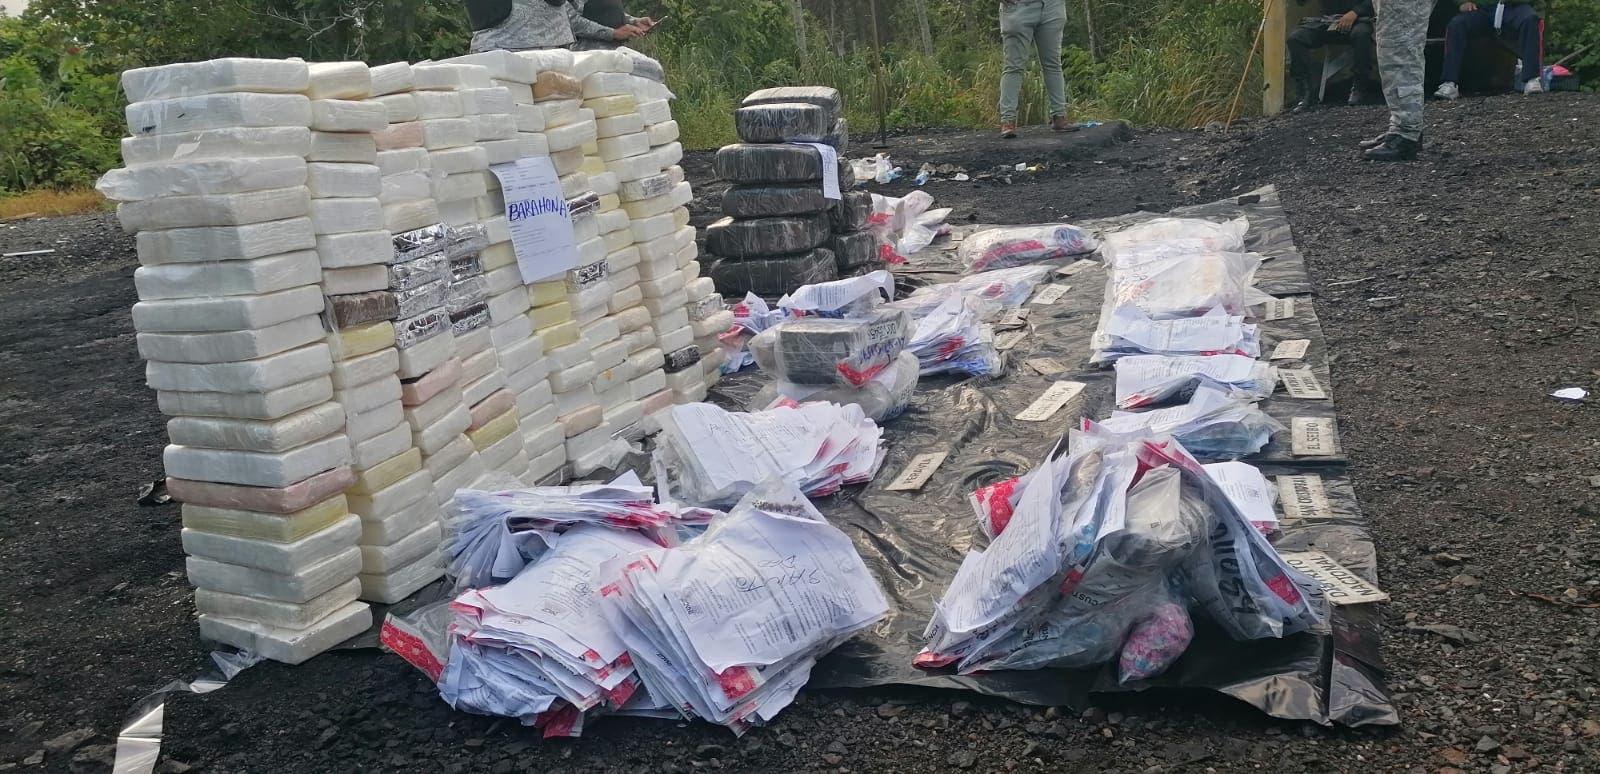 Procuraduría General incinera más de 280 kilogramos de diferentes drogas